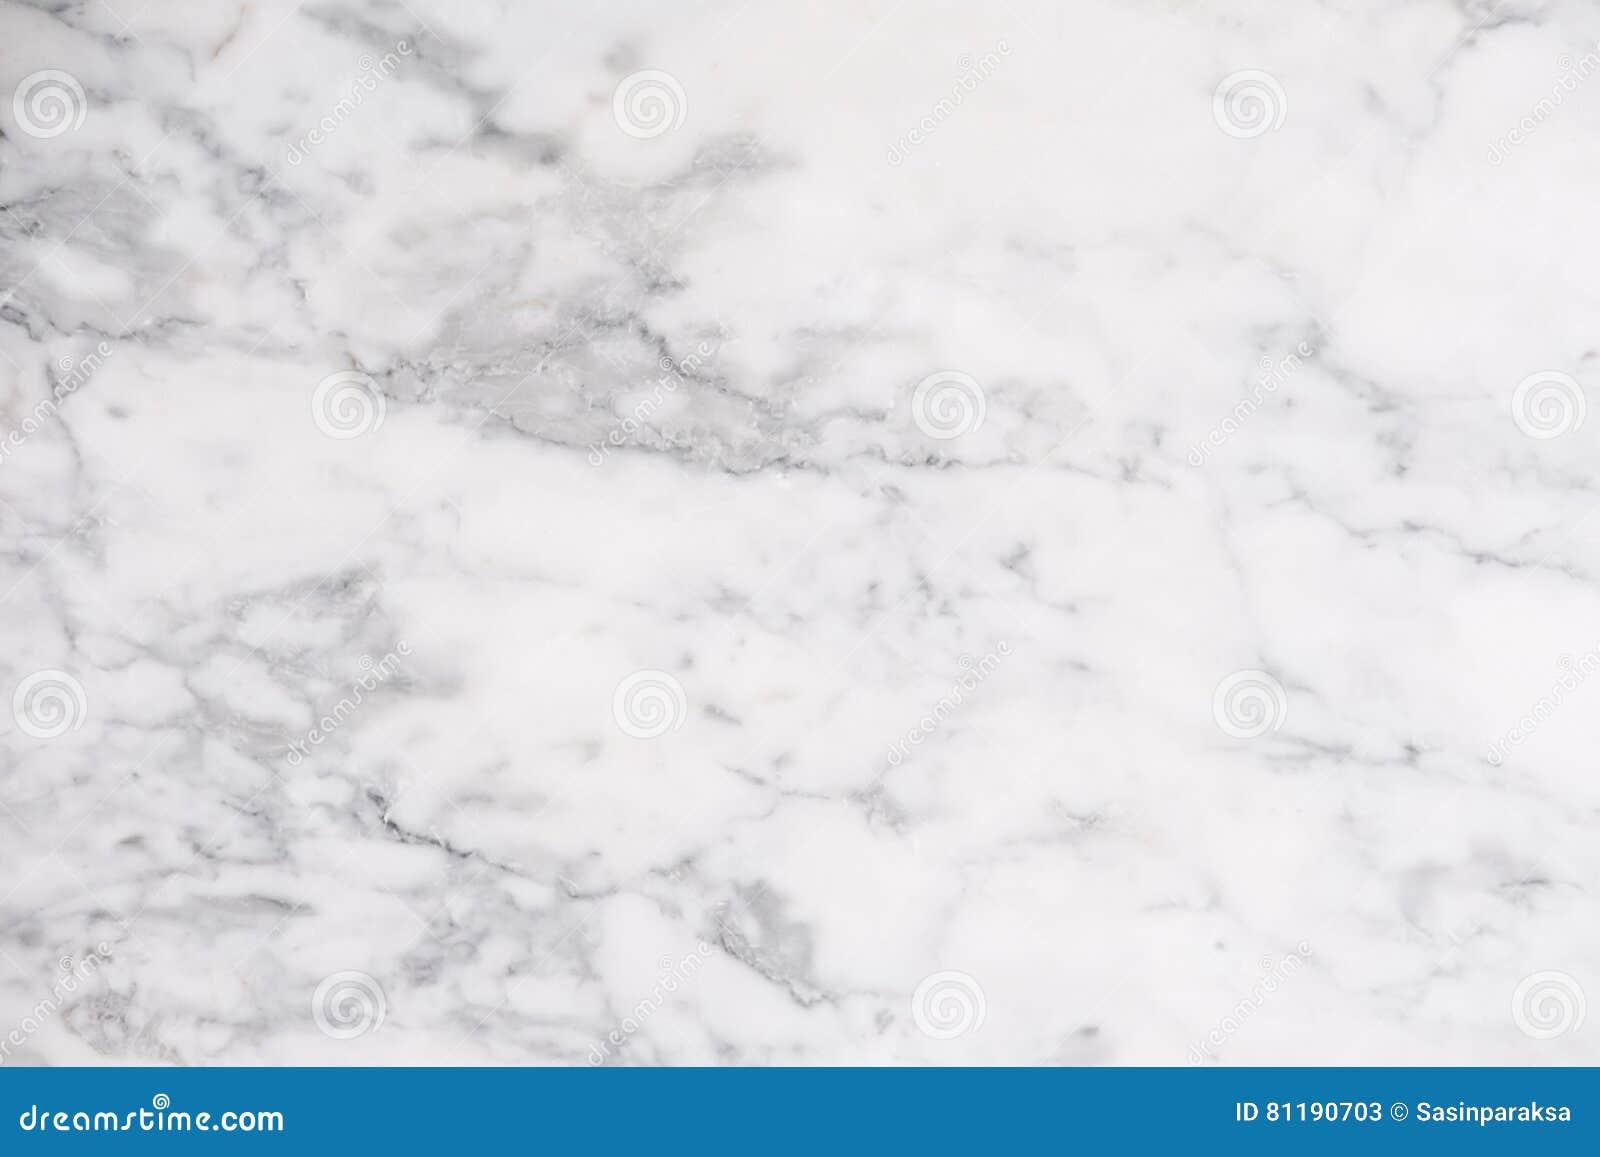 fond de texture model par marbre le luxe blanc marbre la surface gris noir et blanc de marbre. Black Bedroom Furniture Sets. Home Design Ideas